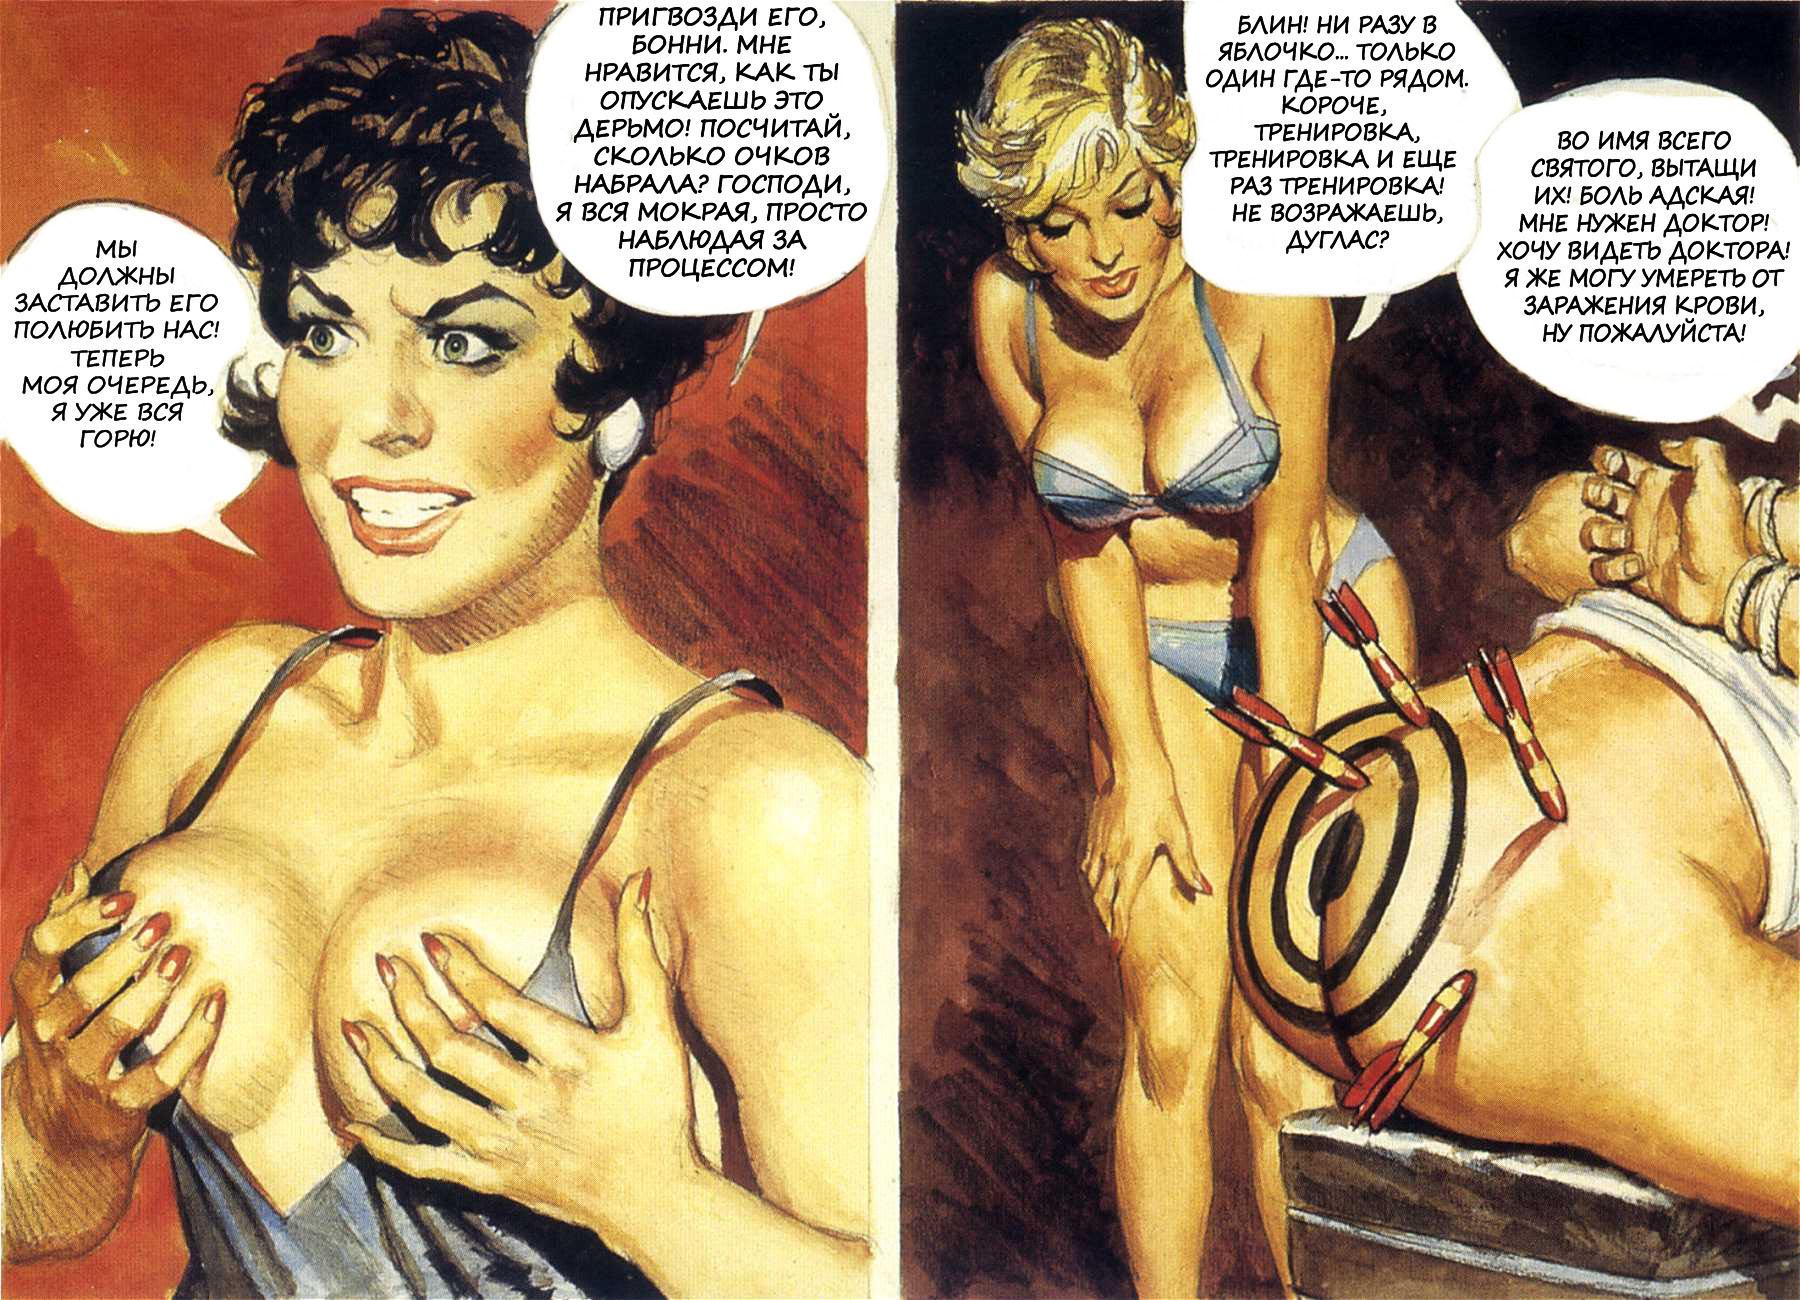 Рисунки фемдом комиксы, фемдом » смотреть порно мультики, порно комиксы 5 фотография